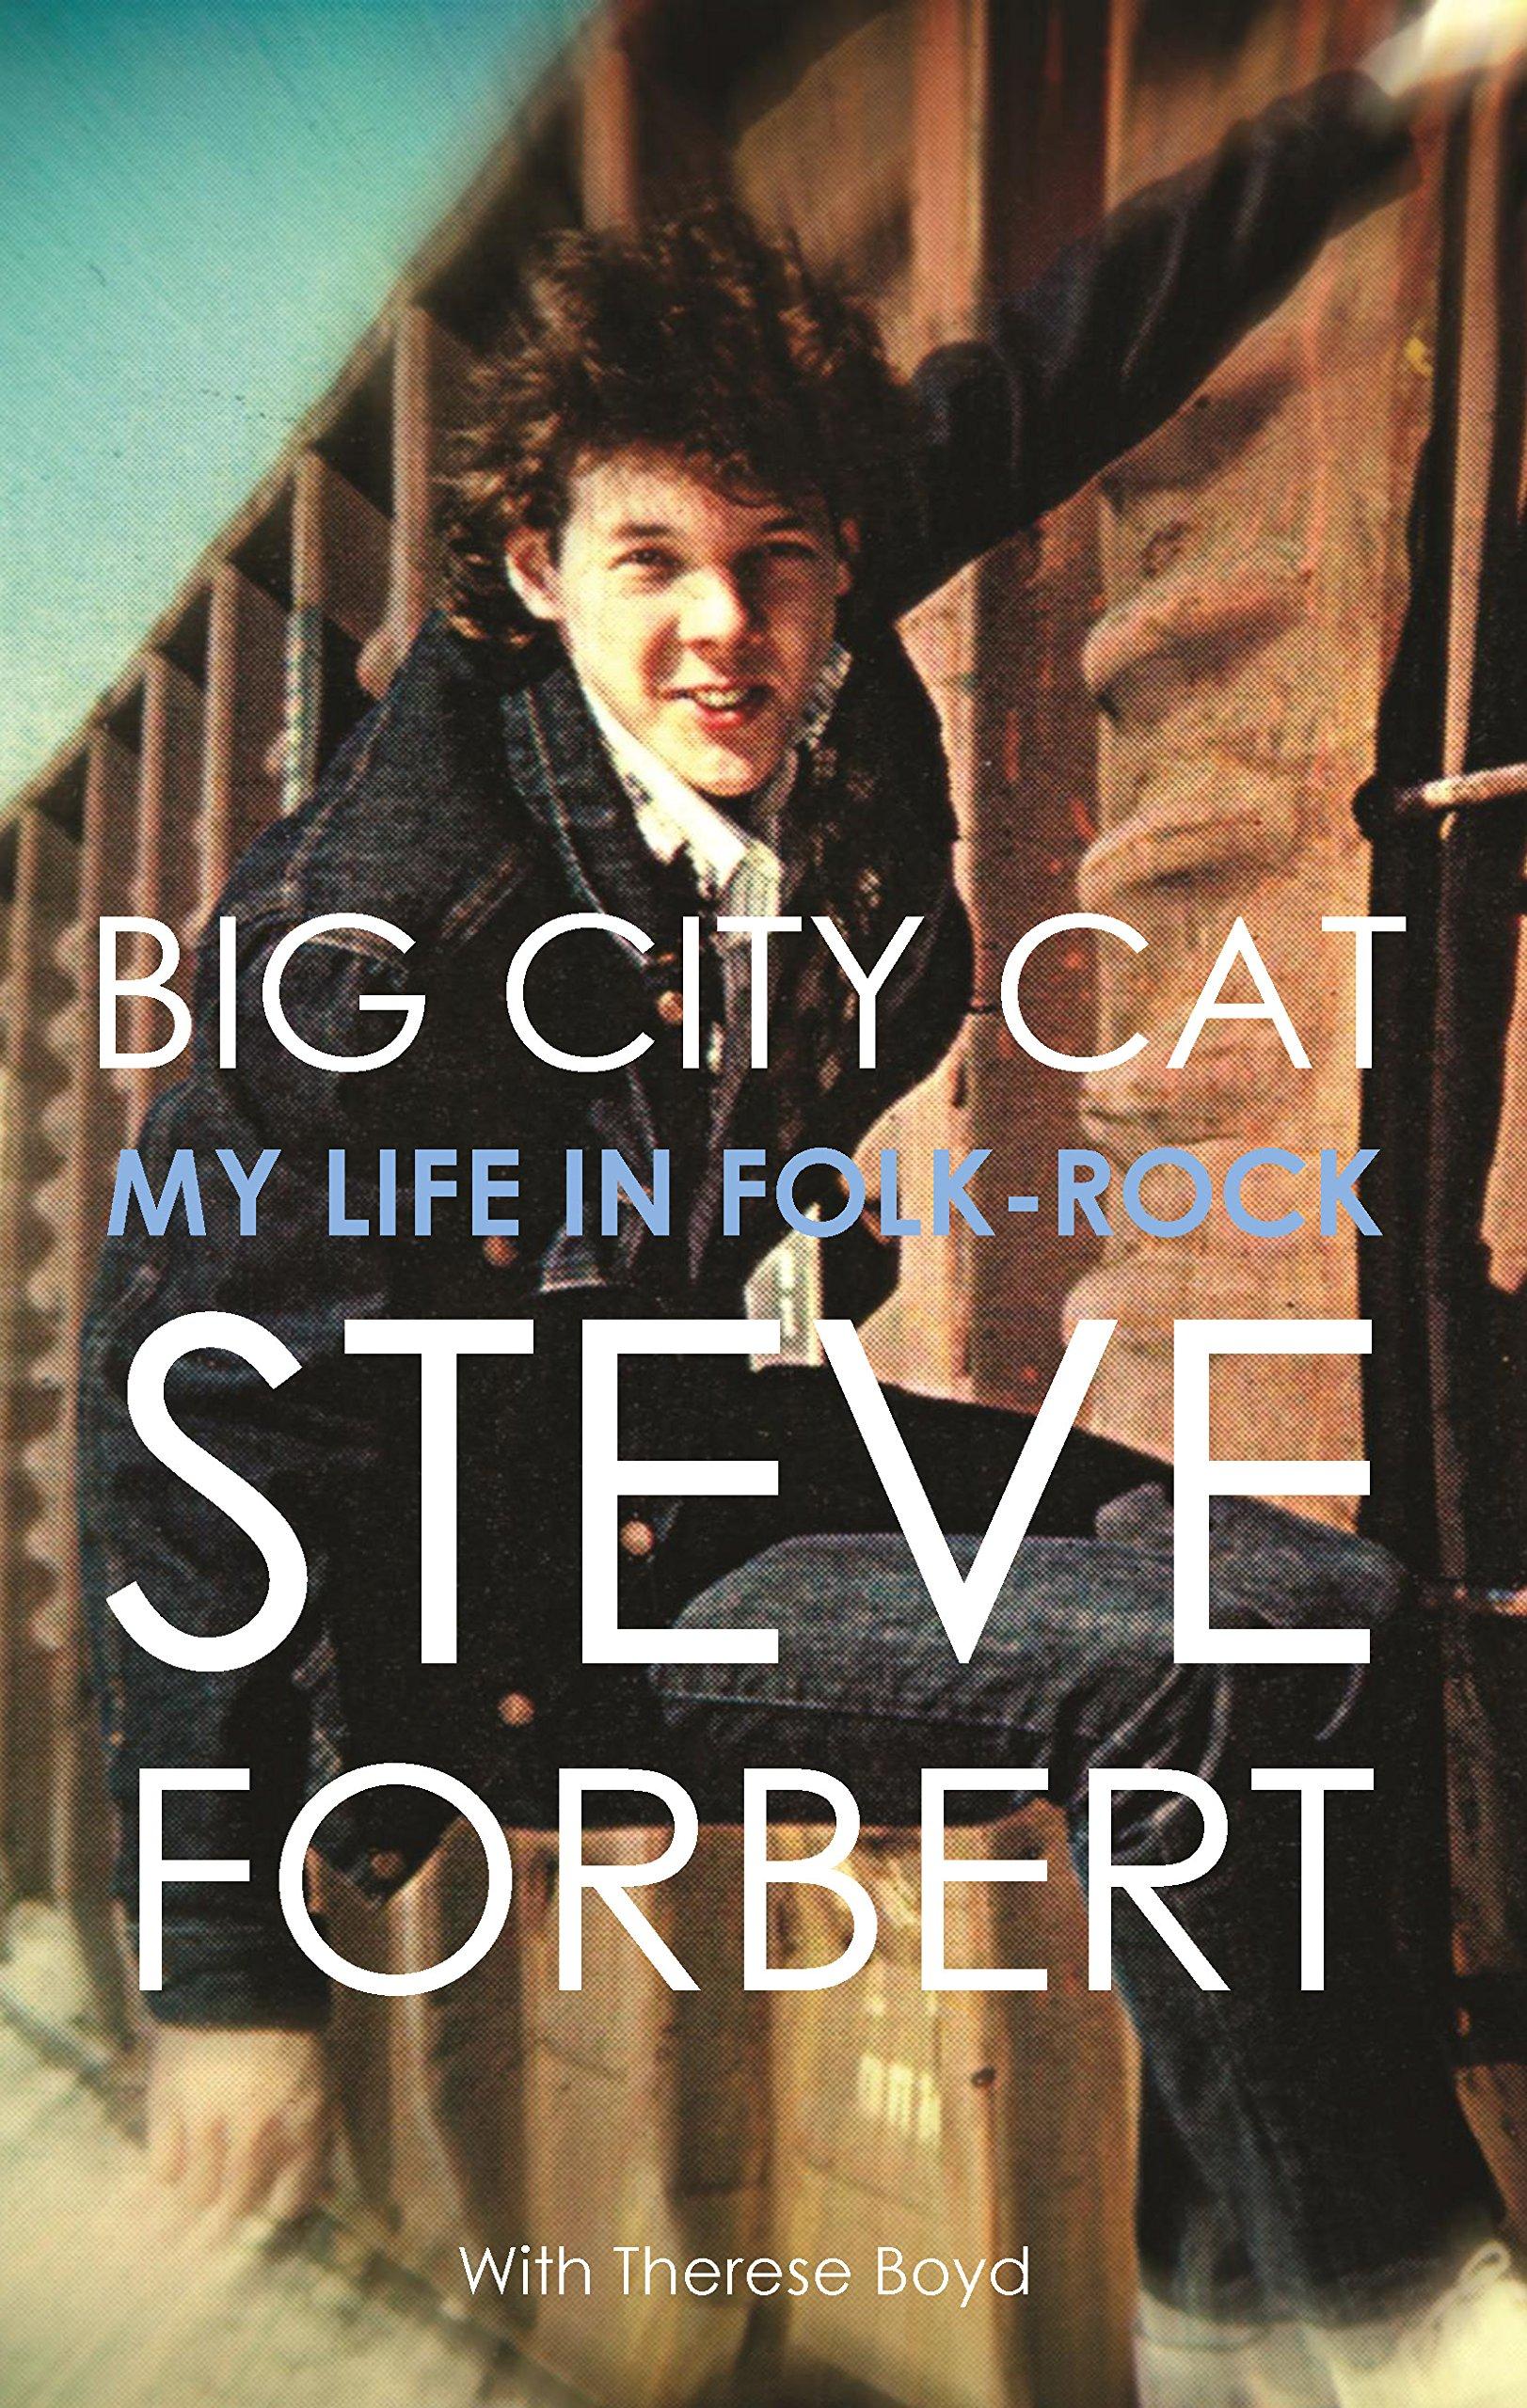 Big City Cat